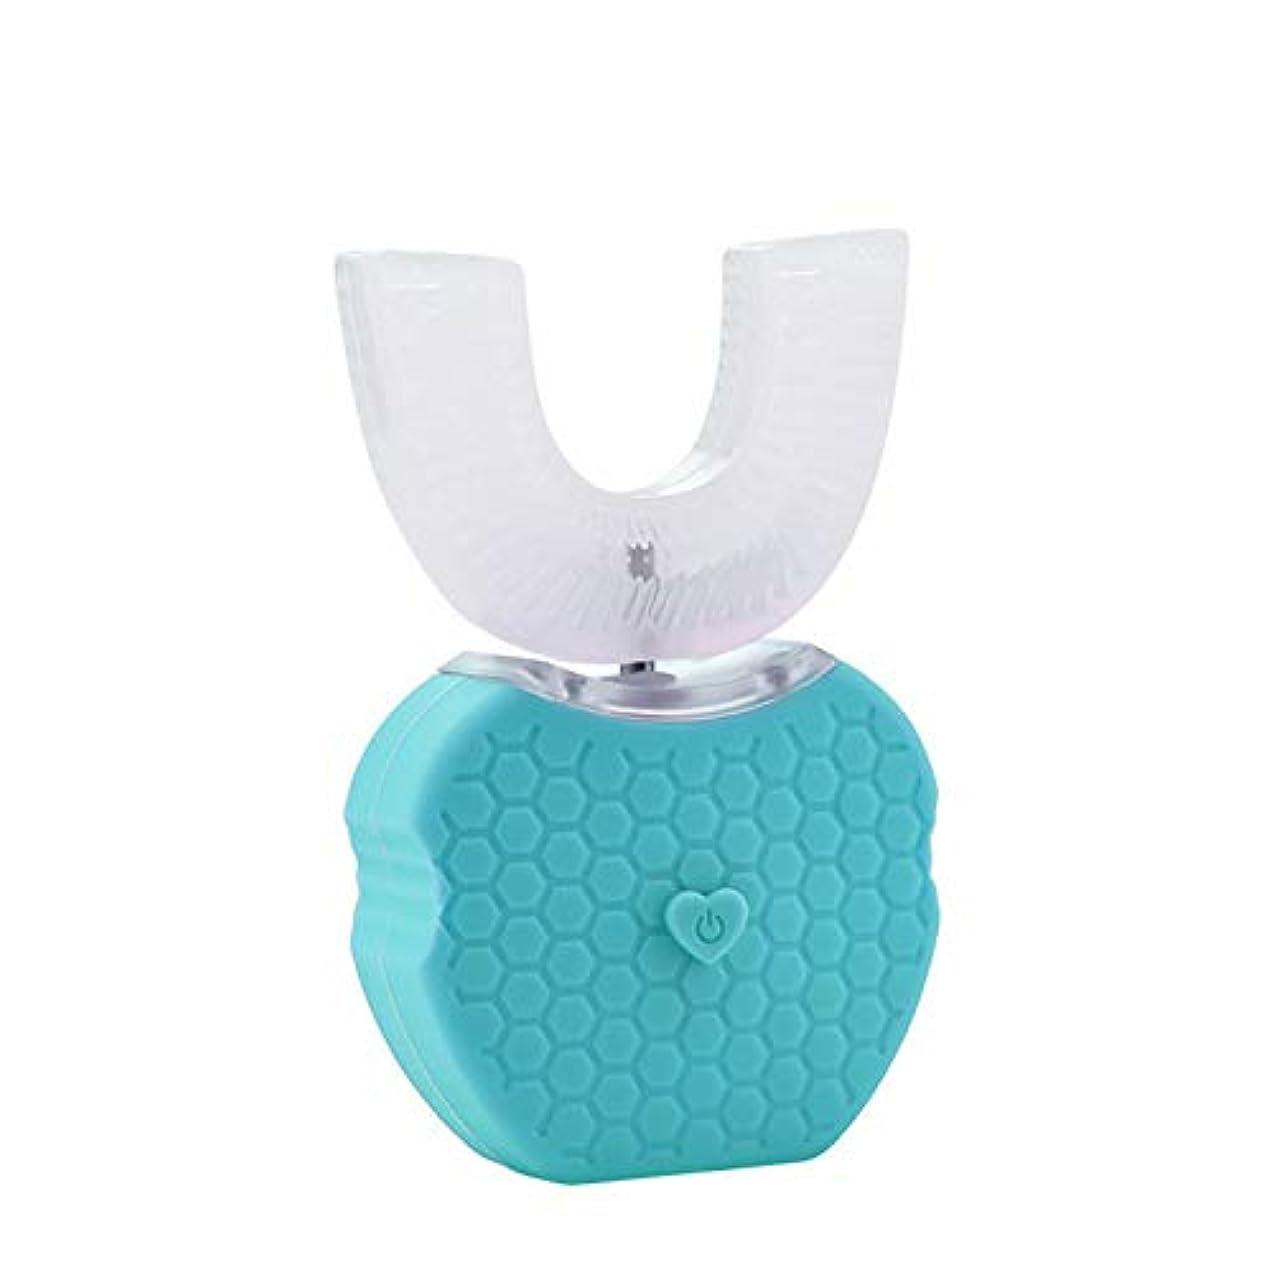 アクセルコンデンサー下手フルオートマチック可変周波数電動歯ブラシ、自動360度U字型電動歯ブラシ、ワイヤレス充電IPX7防水自動歯ブラシ(大人用),Blue